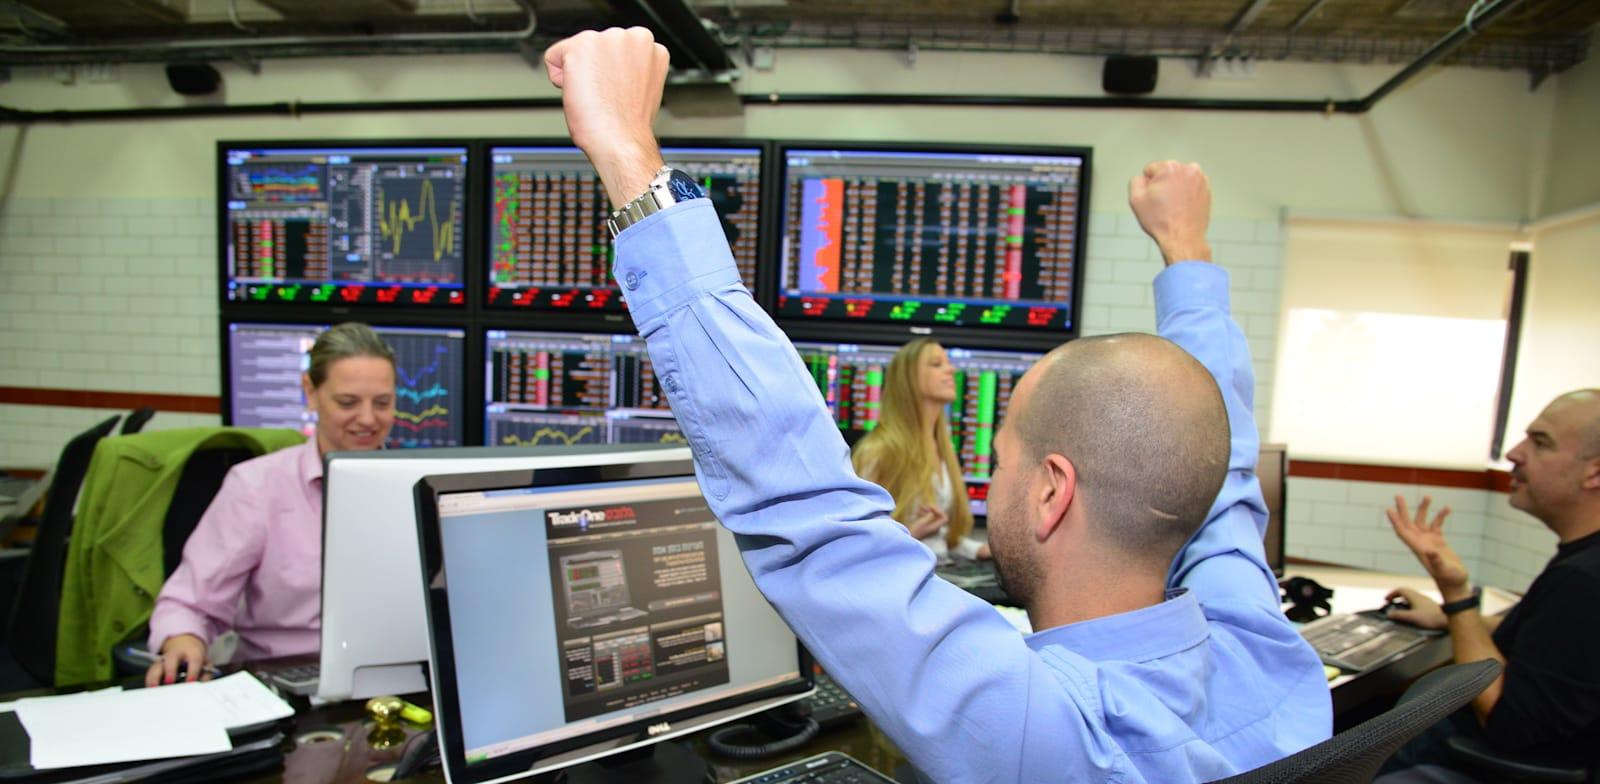 שוק ההון + בורסה + מסחר + עליות במסחר + ירידות במסחר + מדדים עולים + מדדים יורדים + מסכים ירוקים + מסכים אדומים / צילום: תמר מצפי